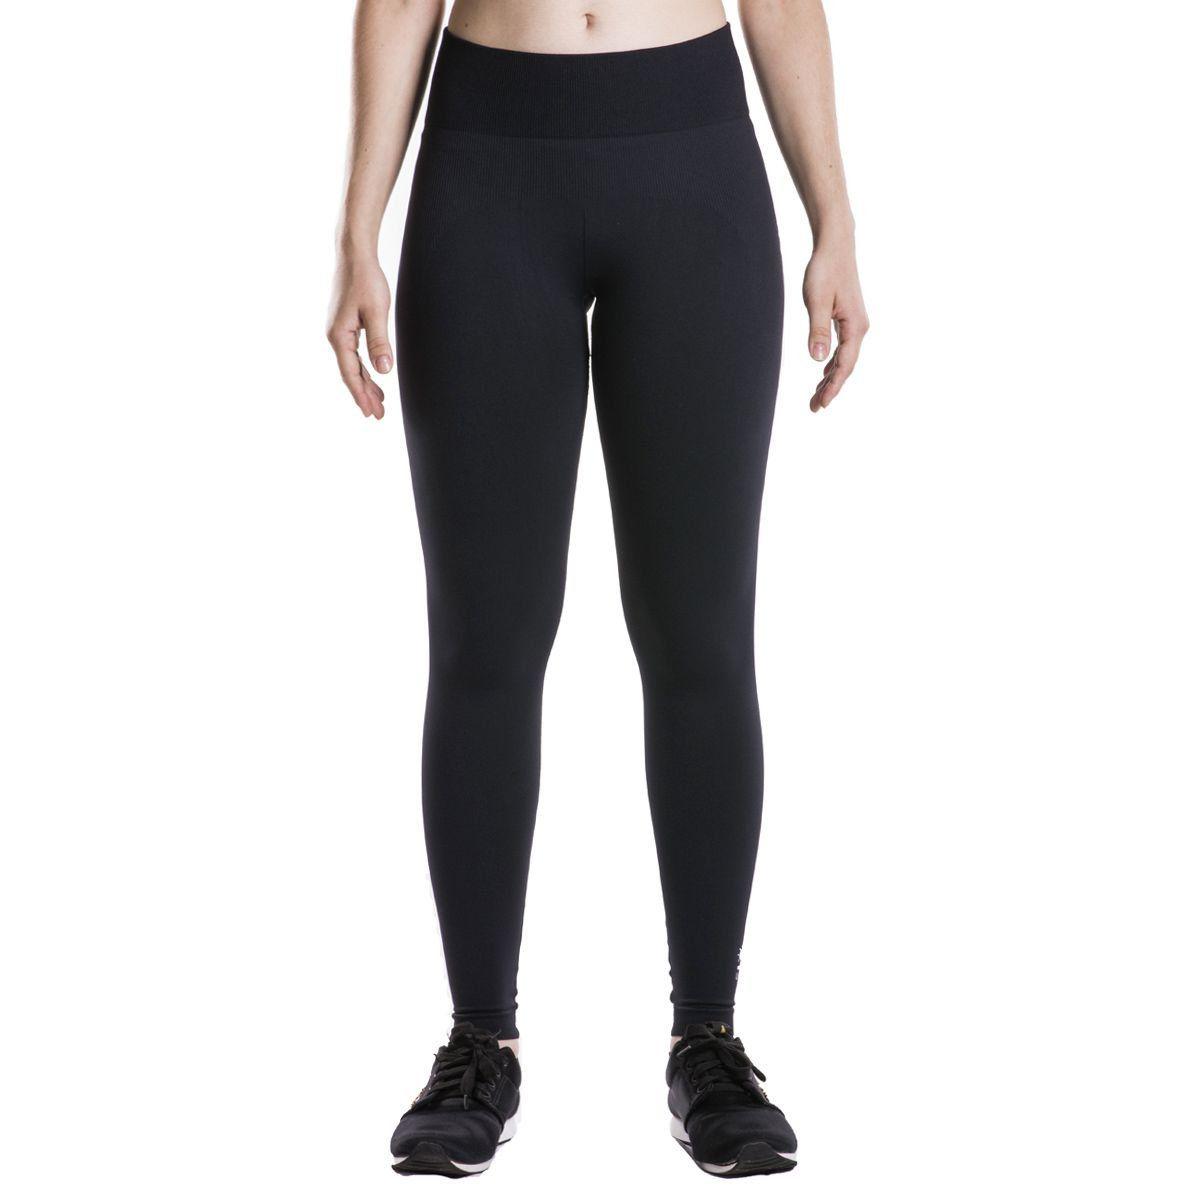 Calça Legging Compressão Lupo Proteção UV Emana Feminina -